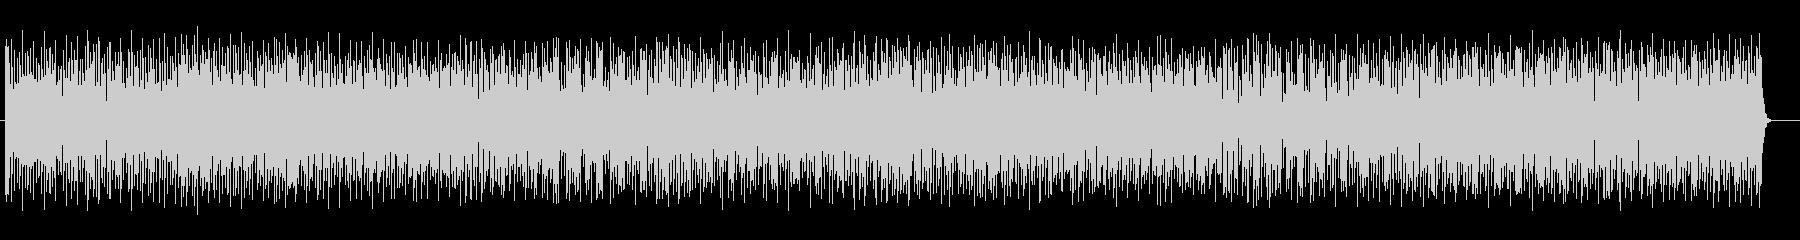 可愛いリズムを刻むジャジーなポップロックの未再生の波形